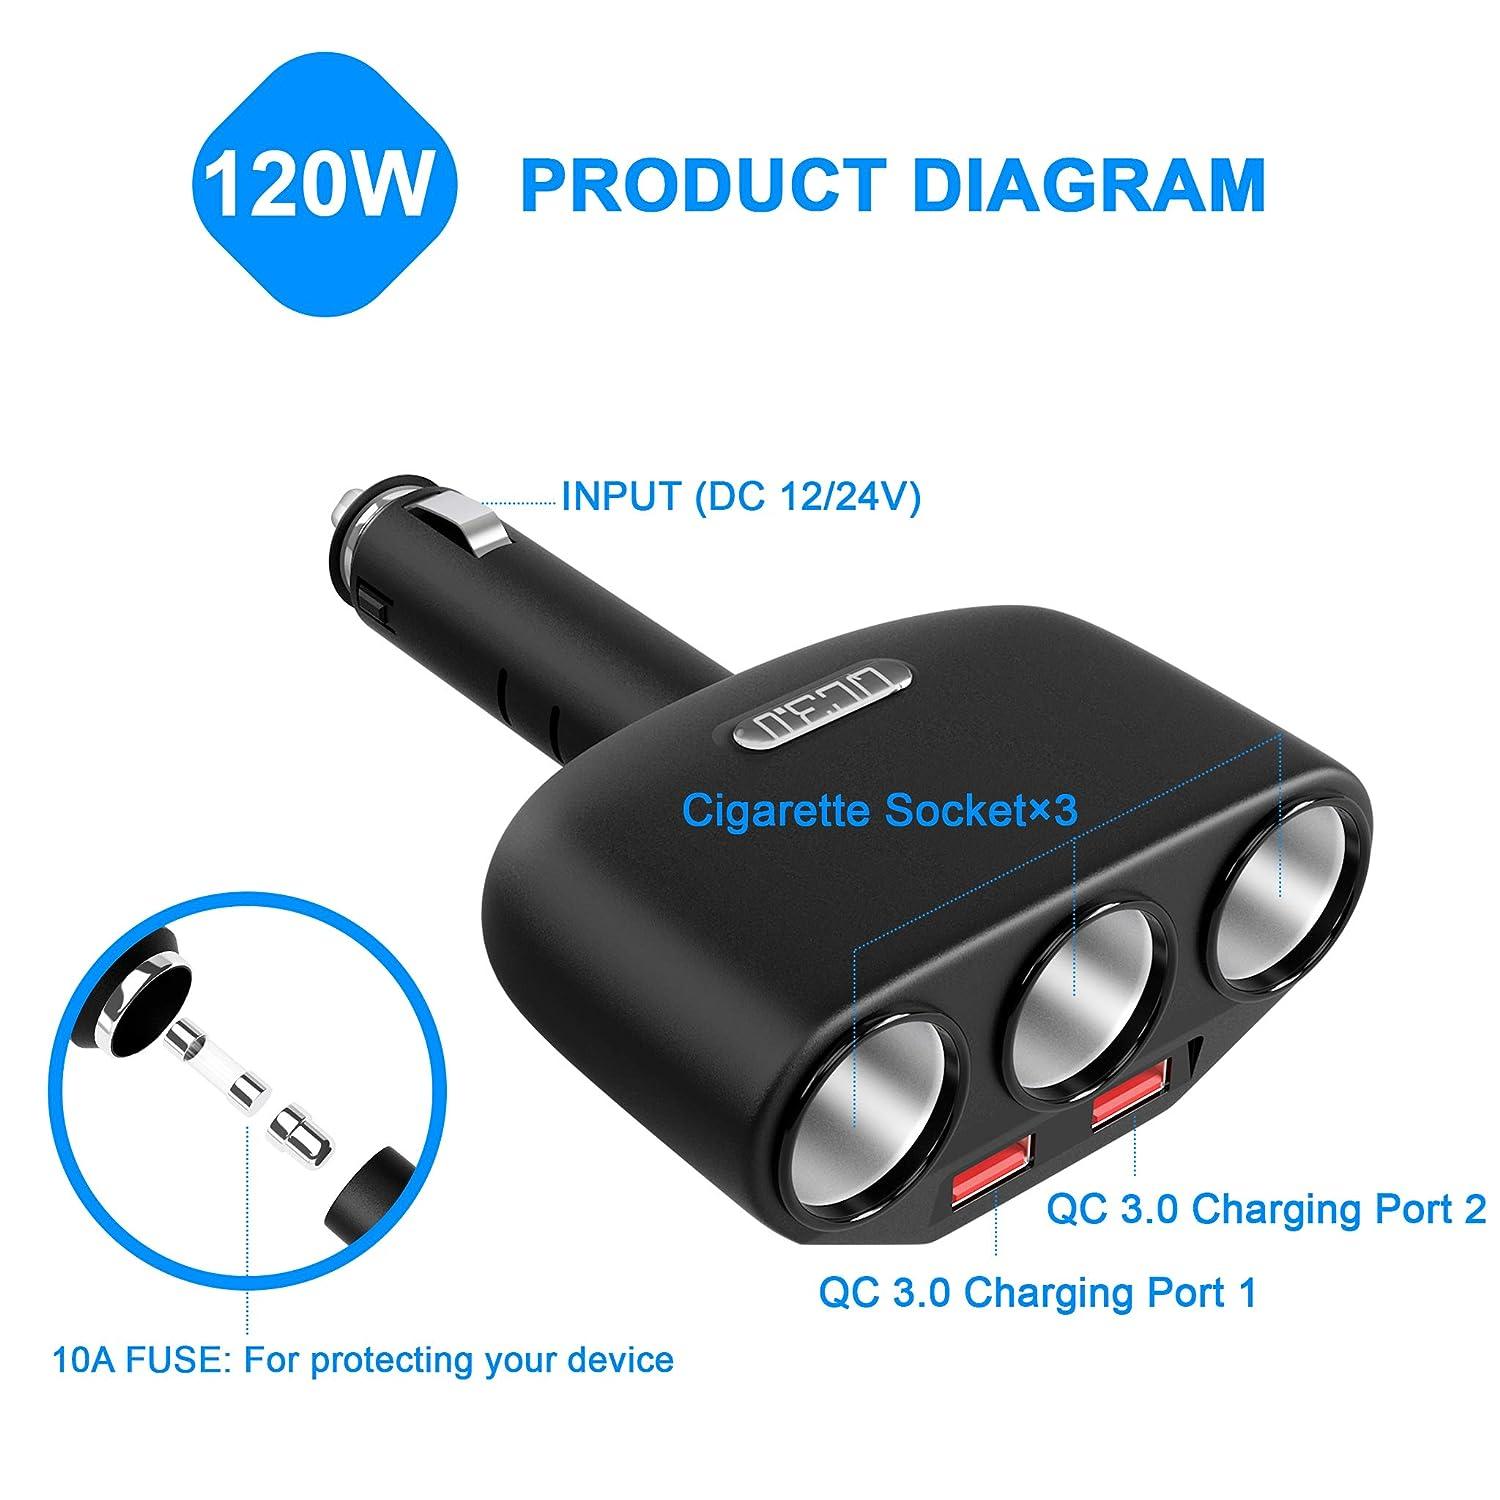 Cateck Adapter f/ür Autozigarettenanz/ünder mit 3 Anschl/üssen 18W GPS Ausgang 5V Autoladeger/ät mit 2 3.0 USB Schnellladeanschl/üssen Autozubeh/ör 2,4A f/ür Smartphones